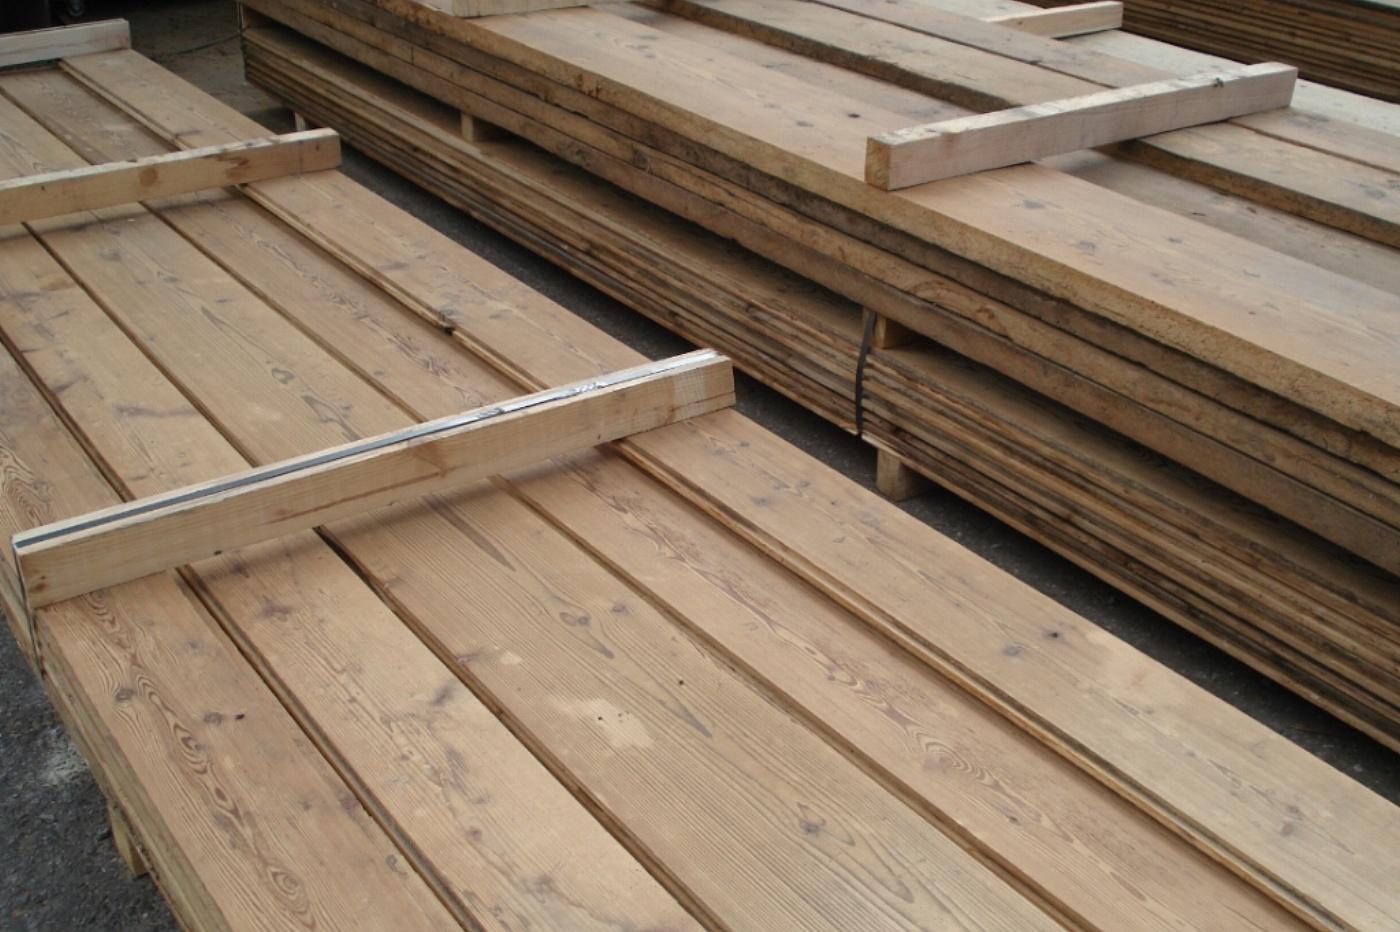 Skyway sas legnami antichi di recupero pavimenti in prima patina - Tavole in legno per pavimenti ...